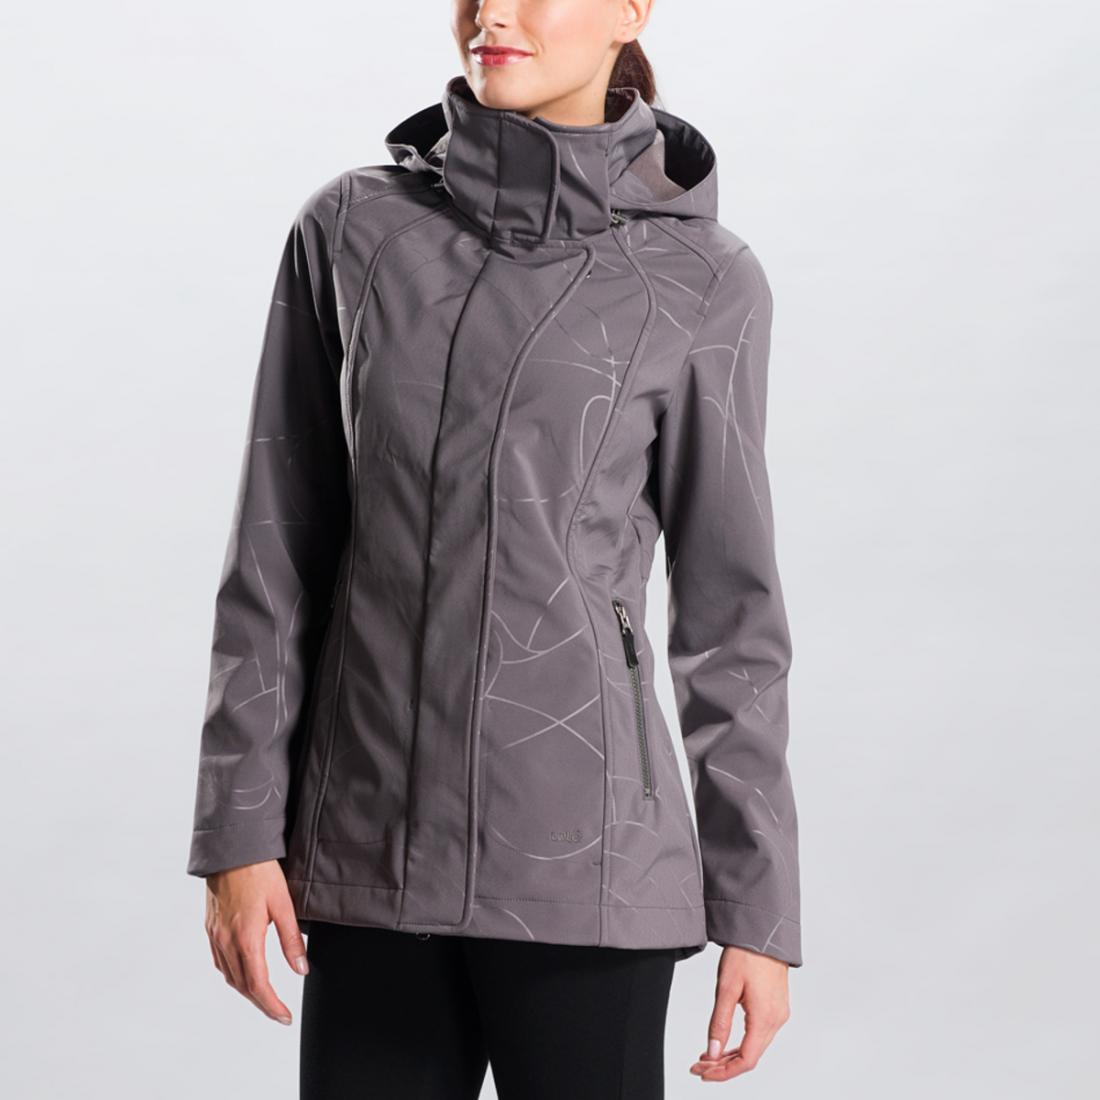 Куртка LUW0191 STUNNING JACKETКуртки<br>Легкий демисезонный плащ из софтшела с оригинальным принтом – функциональная и женственная вещь. <br> <br><br>Регулировки сзади на талии...<br><br>Цвет: Бежевый<br>Размер: S